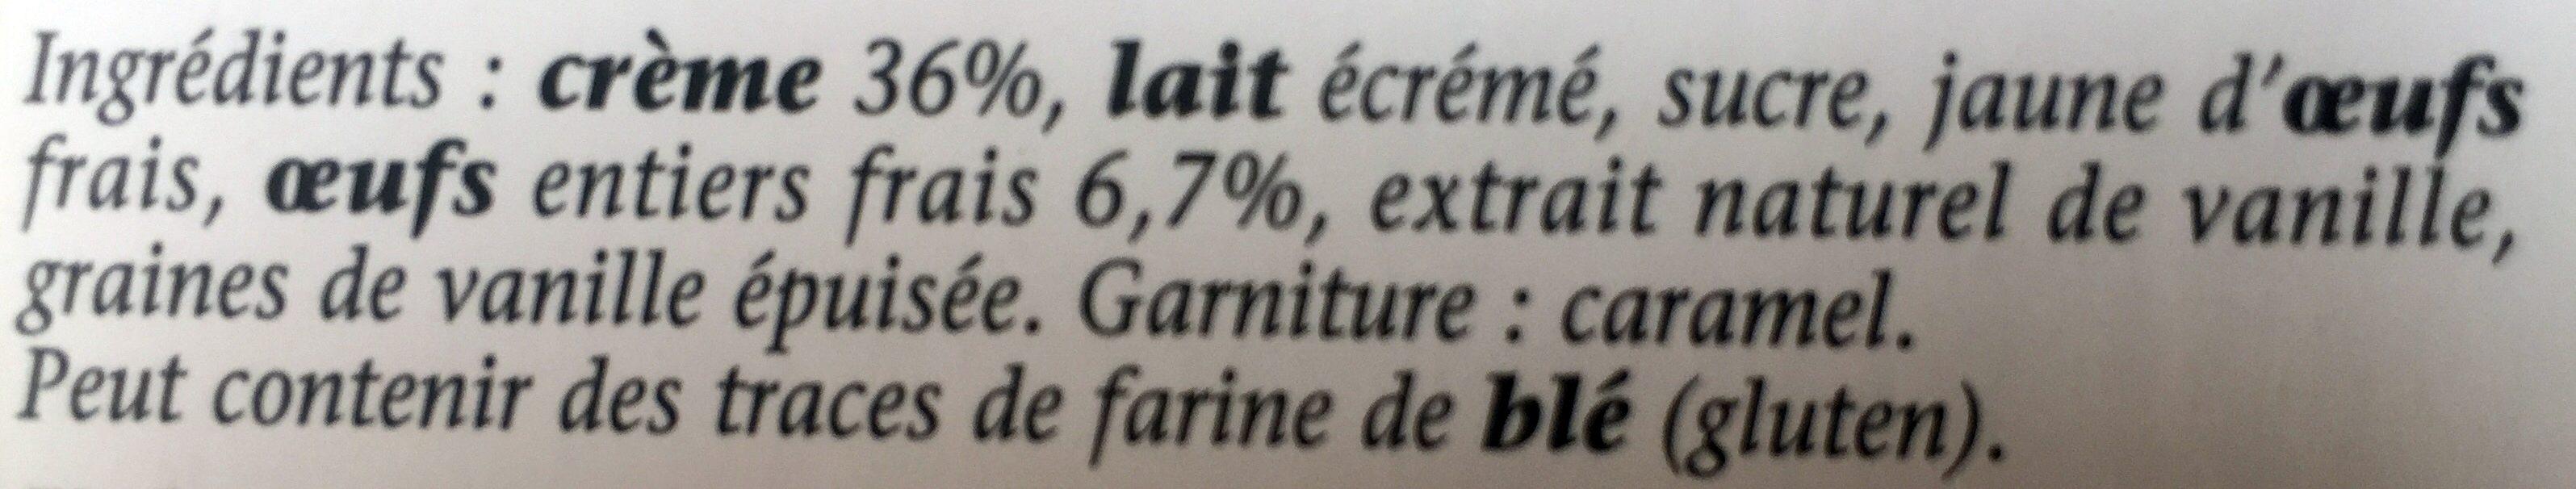 Crème brûlée aux oeufs frais - Ingrediënten - fr